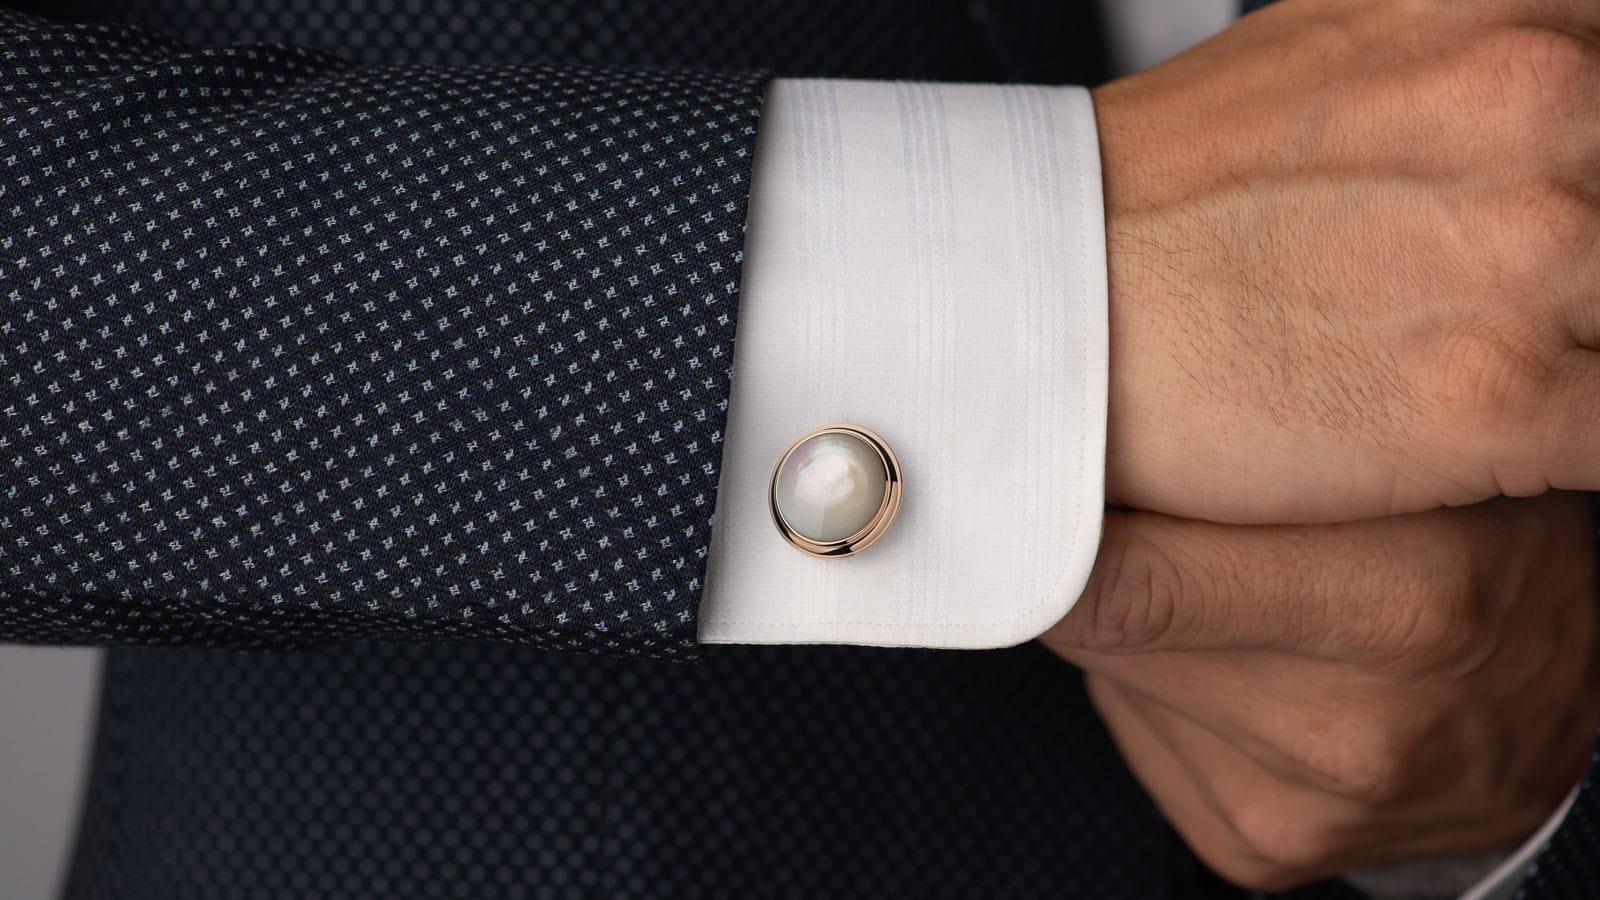 在工業化的現代,多數人的襯衫在入手時,袖口上早已縫上了鈕釦,讓這個充滿個性的小配件,逐漸被人們遺忘。